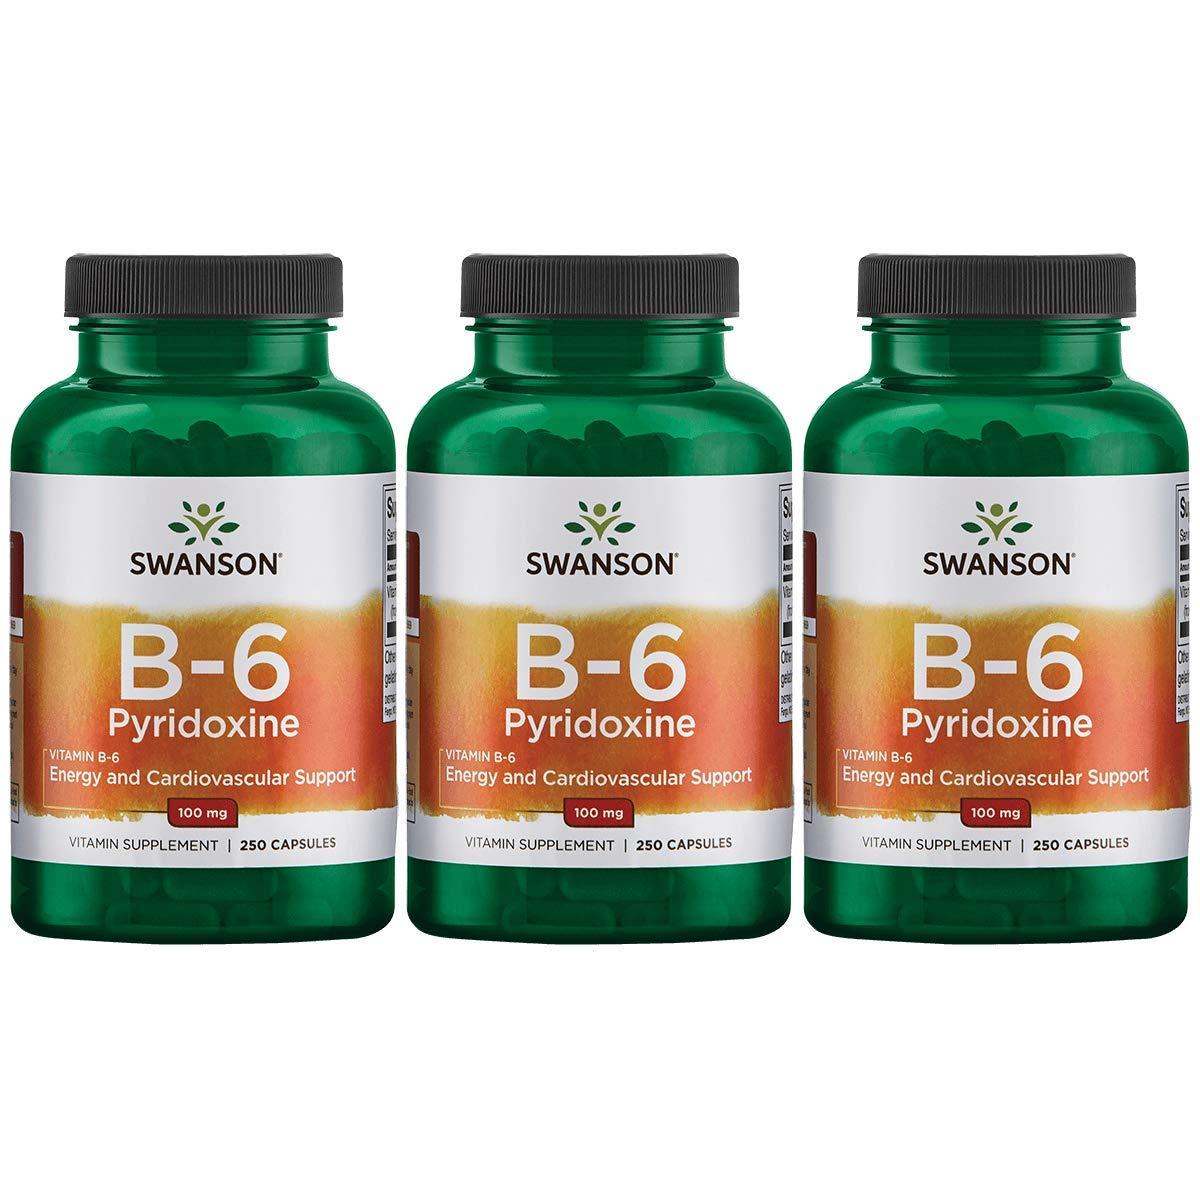 Swanson Vitamin B-6 Pyridoxine 100 mg 250 Caps 3 Pack